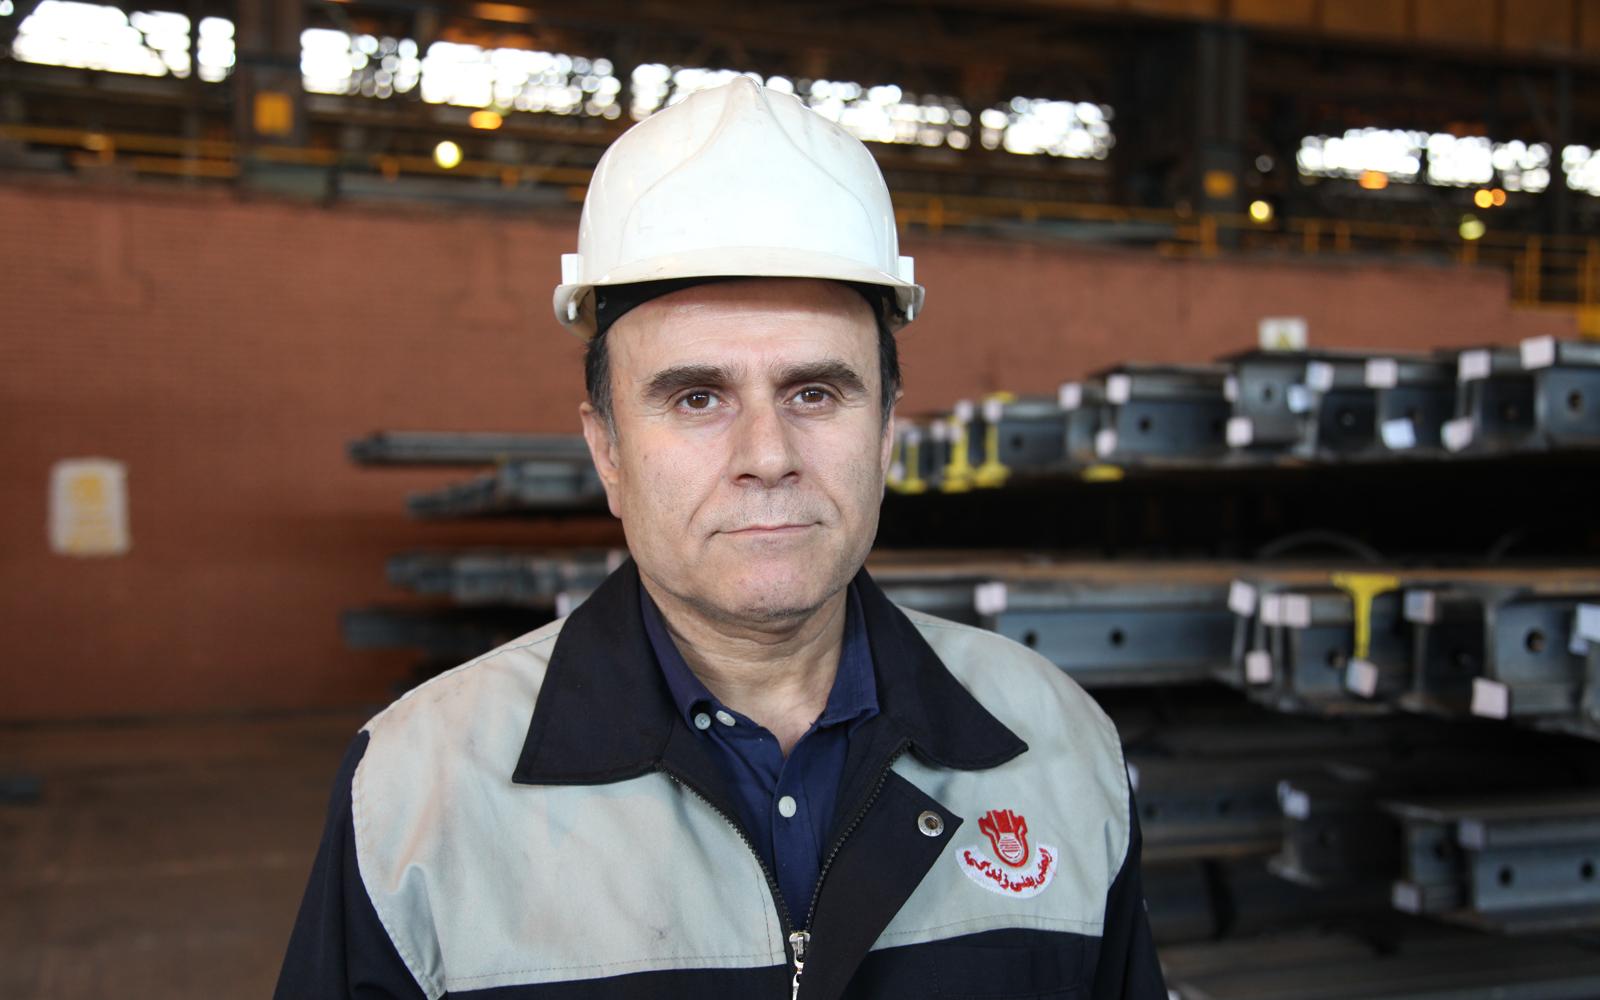 توانایی تولید بیش از 80 نوع پروفیل در شرکت ذوب آهن اصفهان/ بخش عمران کشور باید به سمت سازه های با اسکلت فلزی تغییر جهت دهد